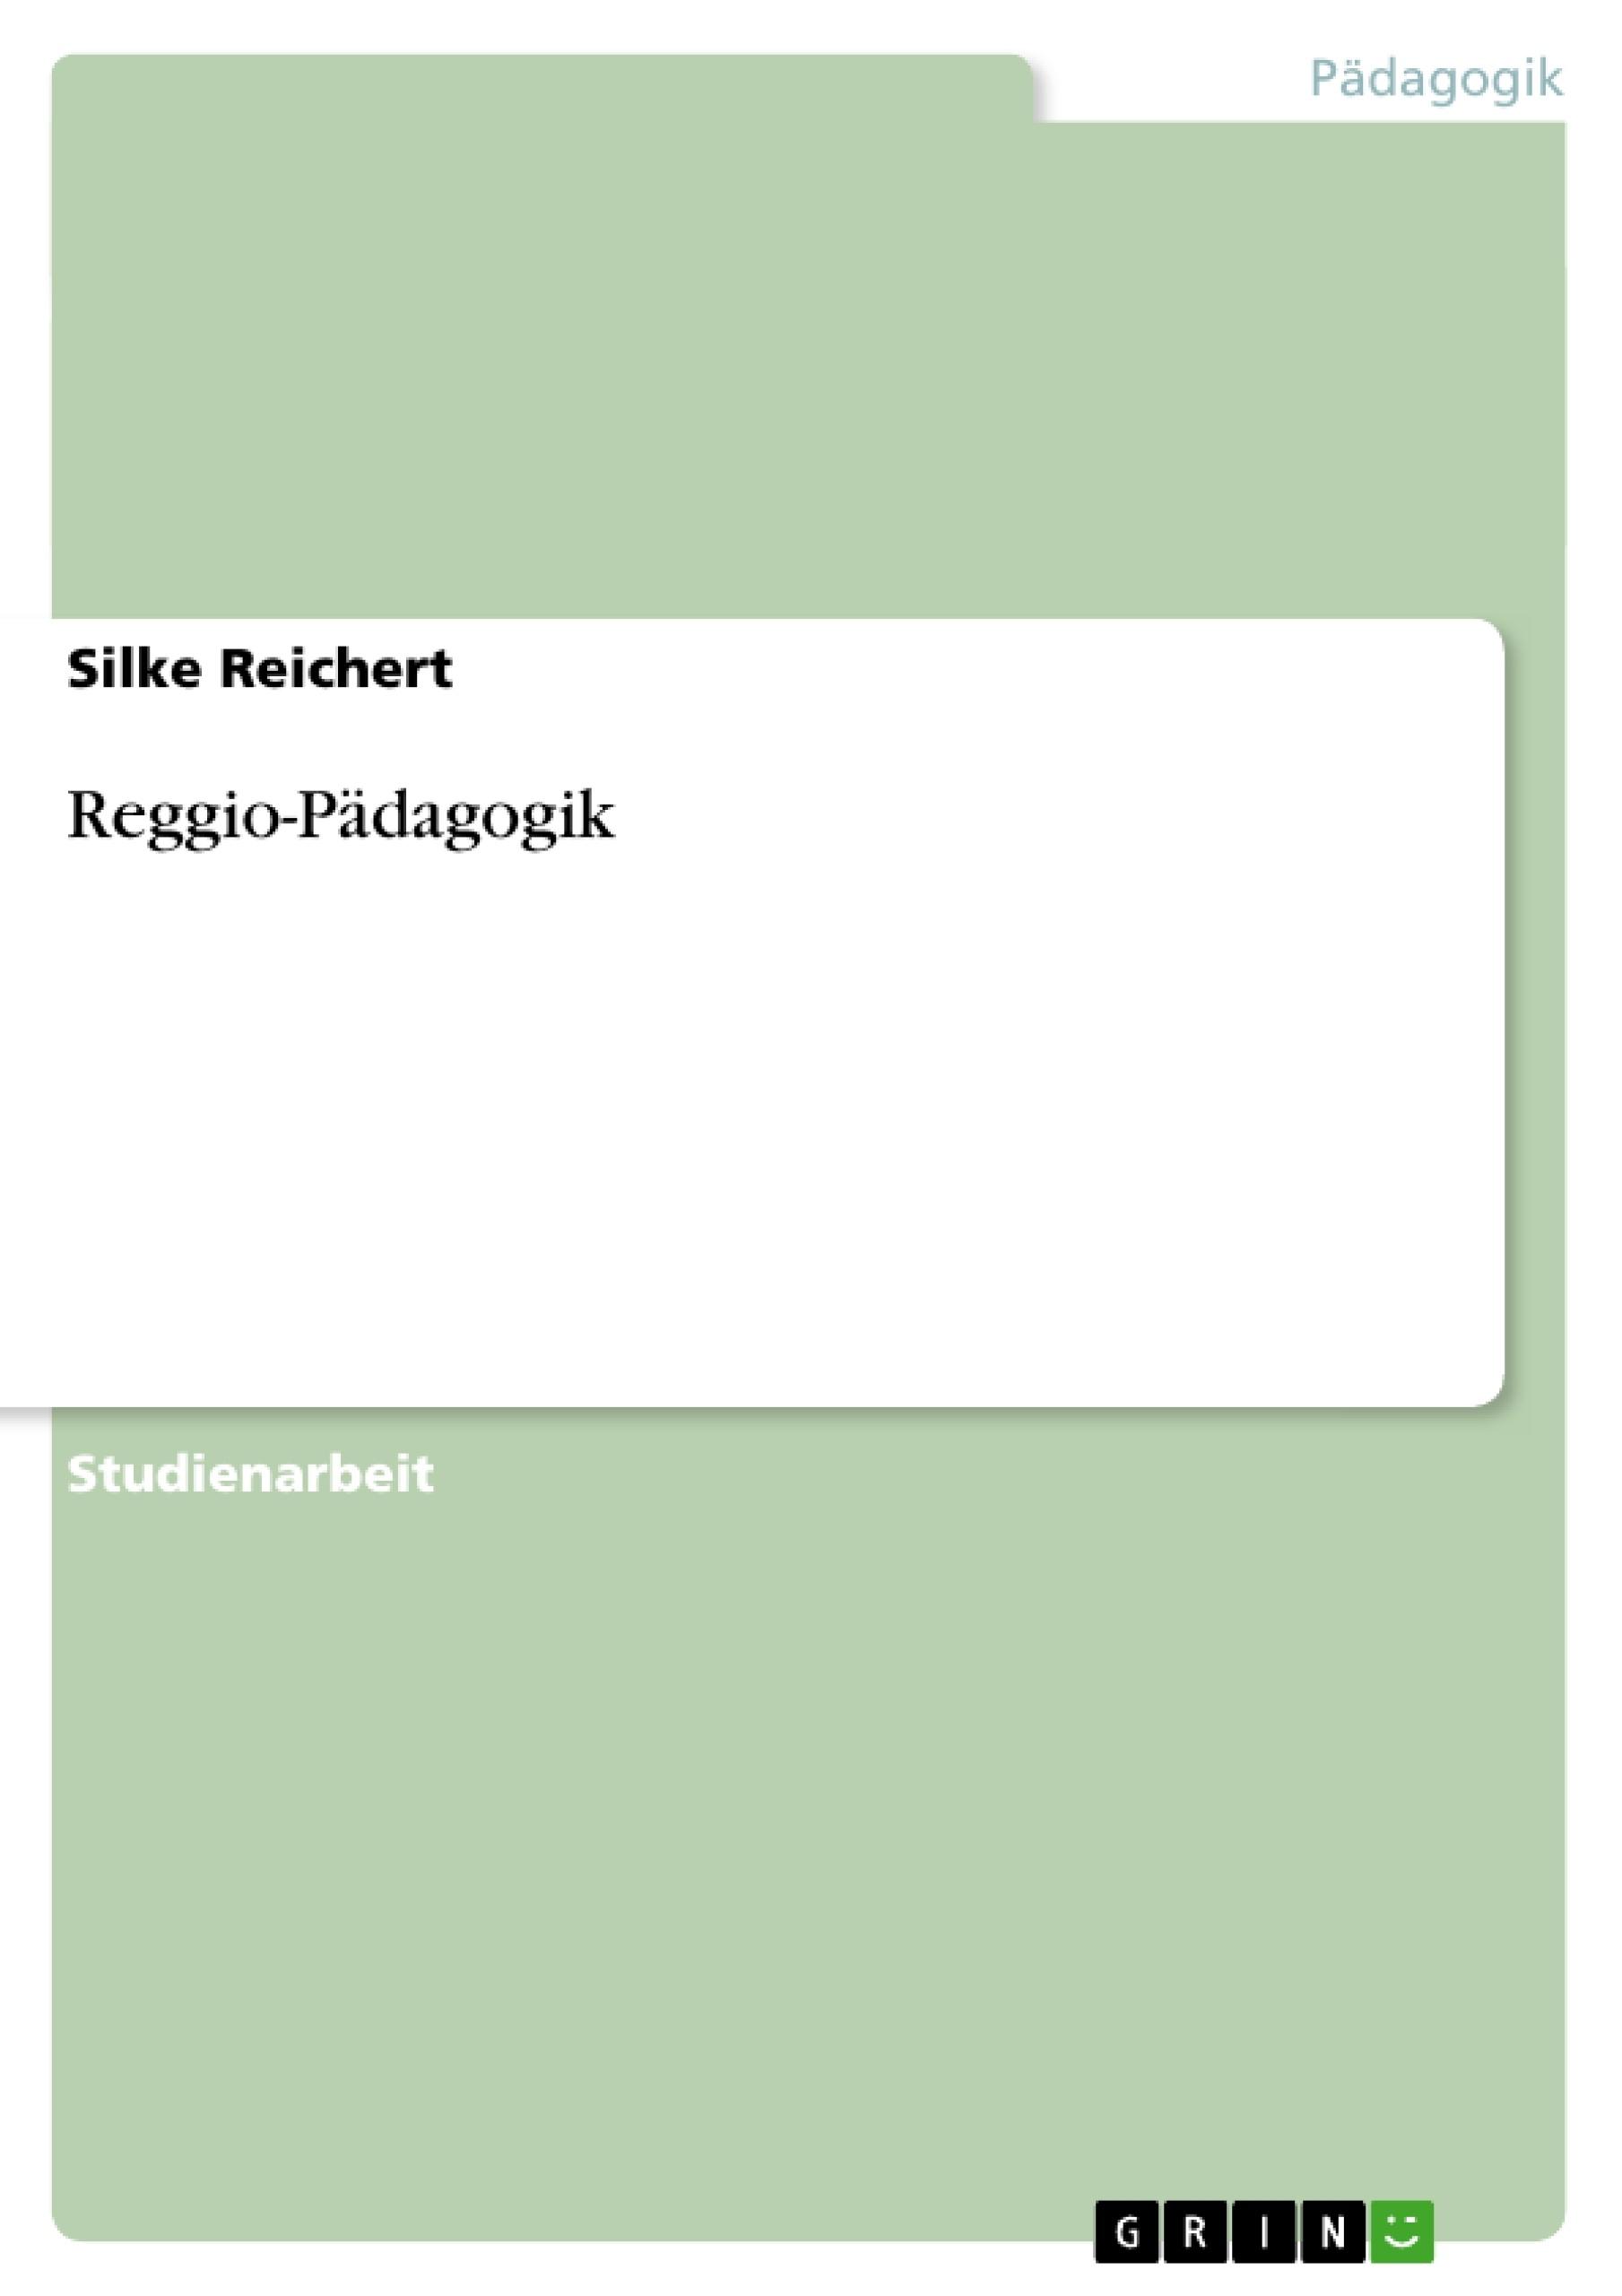 Titel: Reggio-Pädagogik